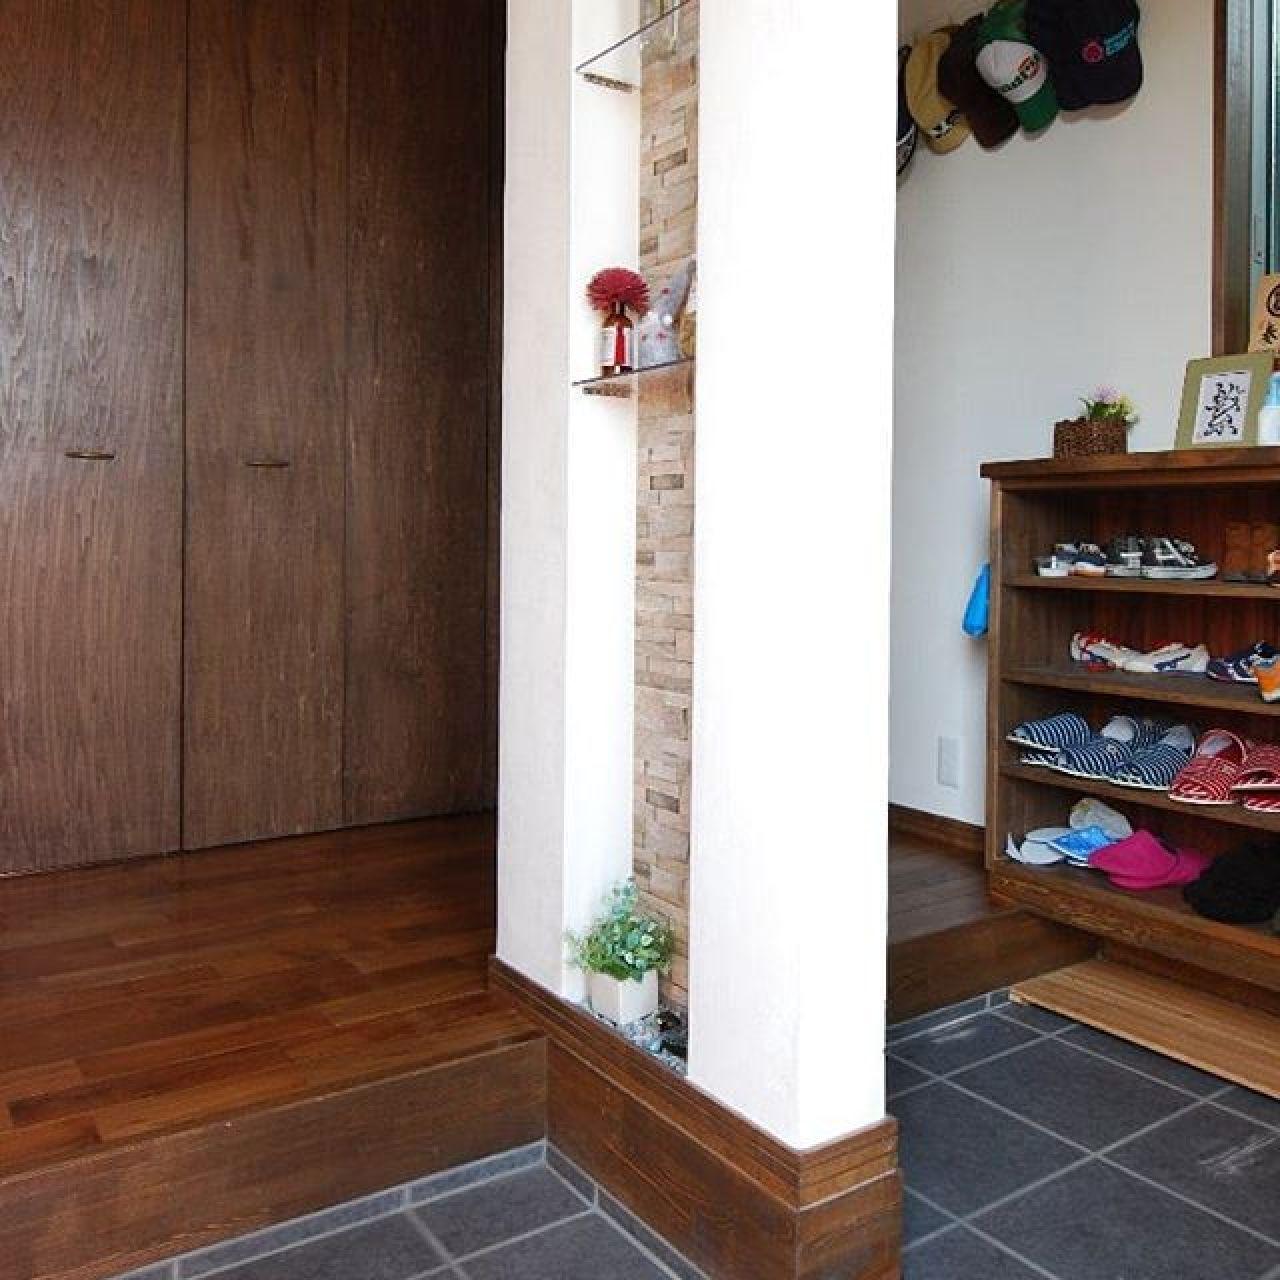 家族用の出入りを分けた玄関ホール。正面に納戸を配しスッキリと片付きます。#玄関 #玄関インテリア #玄関収納 #壁厚収納 #帽子 #スリッパ#家族用玄関 #無垢フローリング #自然素材住宅 #注文住宅